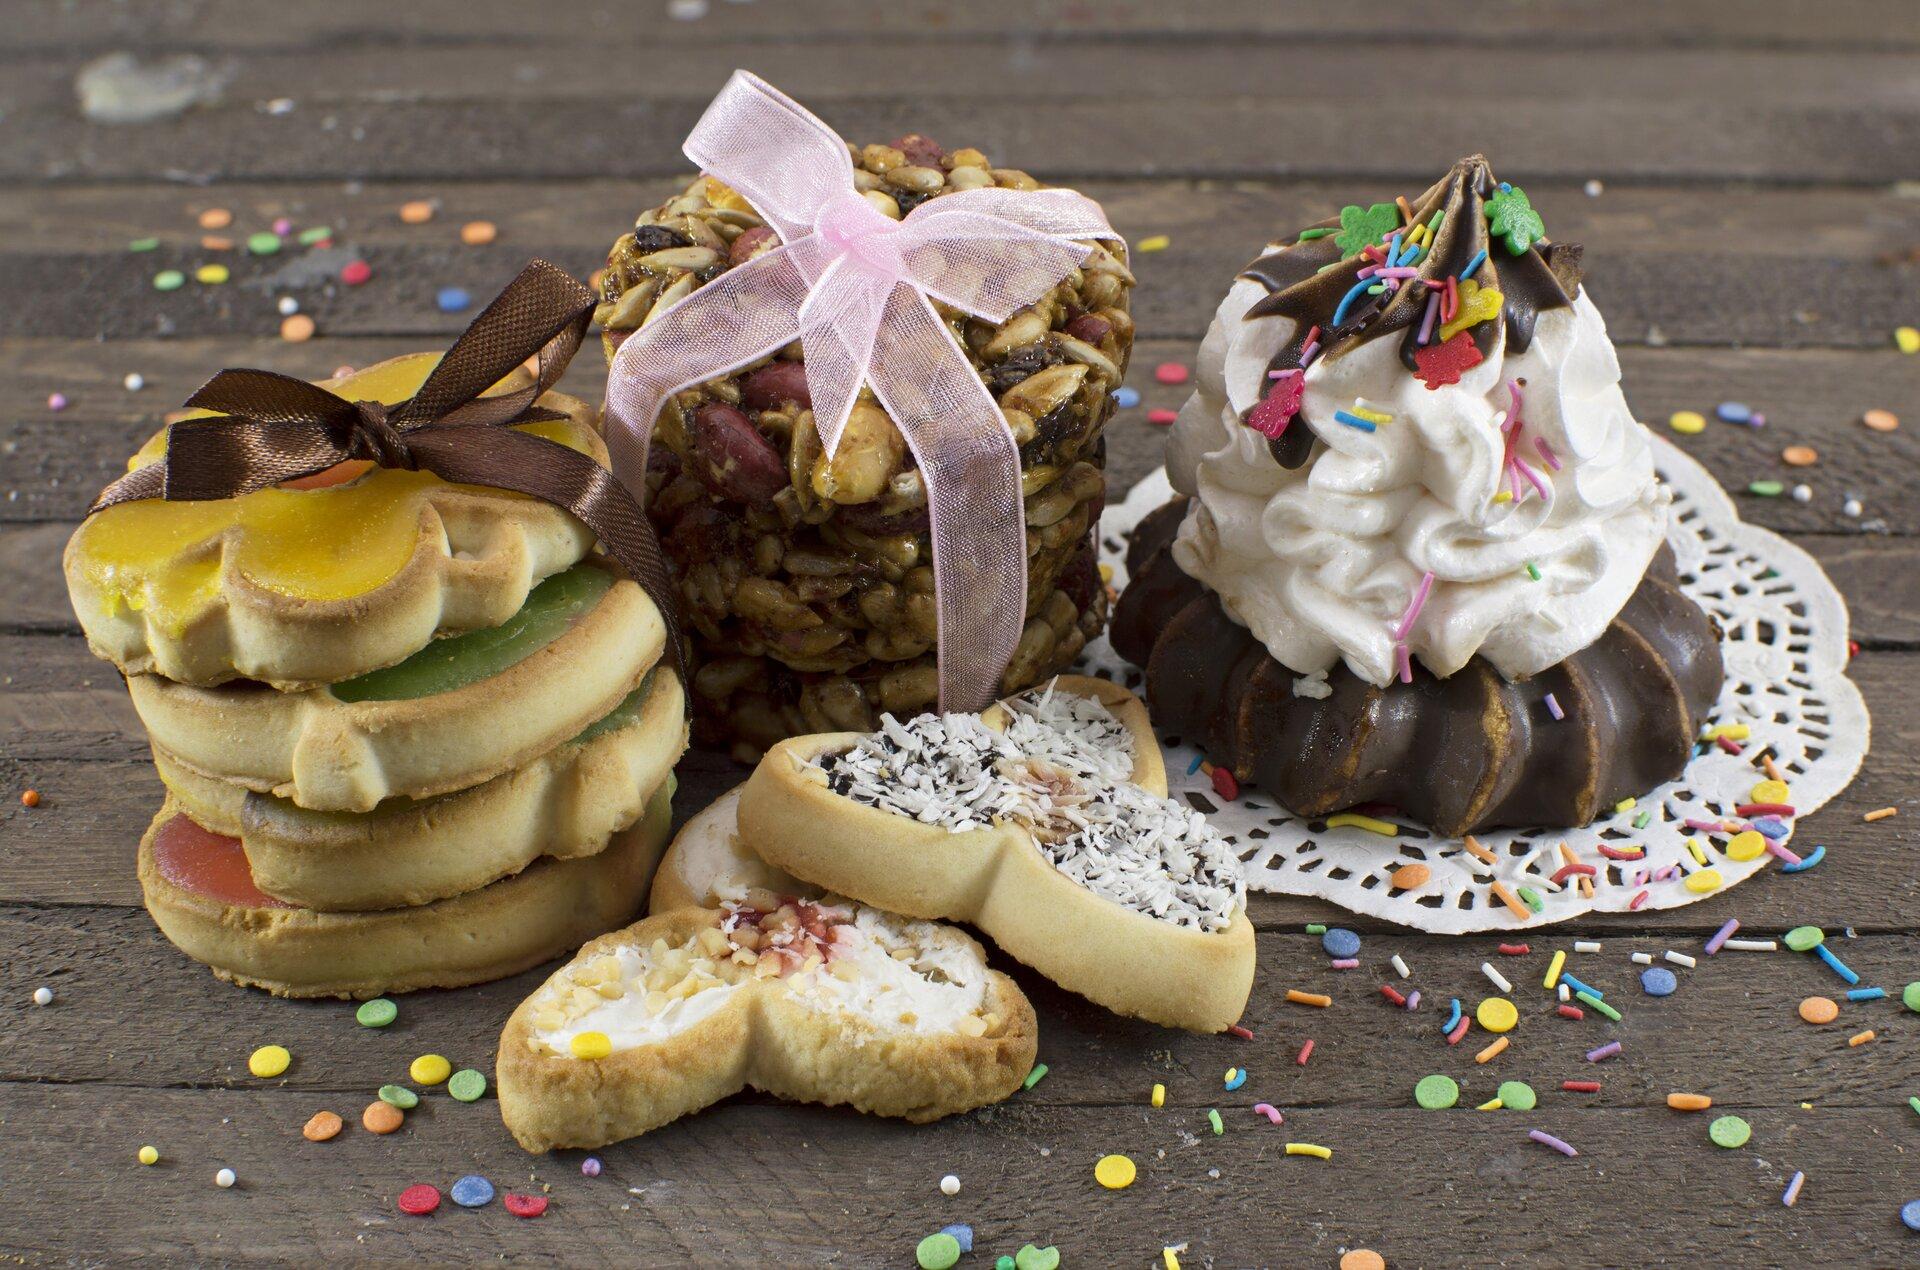 Ilustracja  przedstawia zdjęcie ciasteczek. Na drewnianym blacie znajdują się różnego rodzaju ciastka. Niektóre są lukrowane, inne posypane wiórkami kokosowymi. Dwa rodzaje znich ookrągłym kształcie ułożono wstosiki iprzewiązano różową ibrązową wstążką. Po prawej stronie, na białej, okrągłej serwetce leży oblane czekoladą ciastko przyozdobione bitą śmietaną.